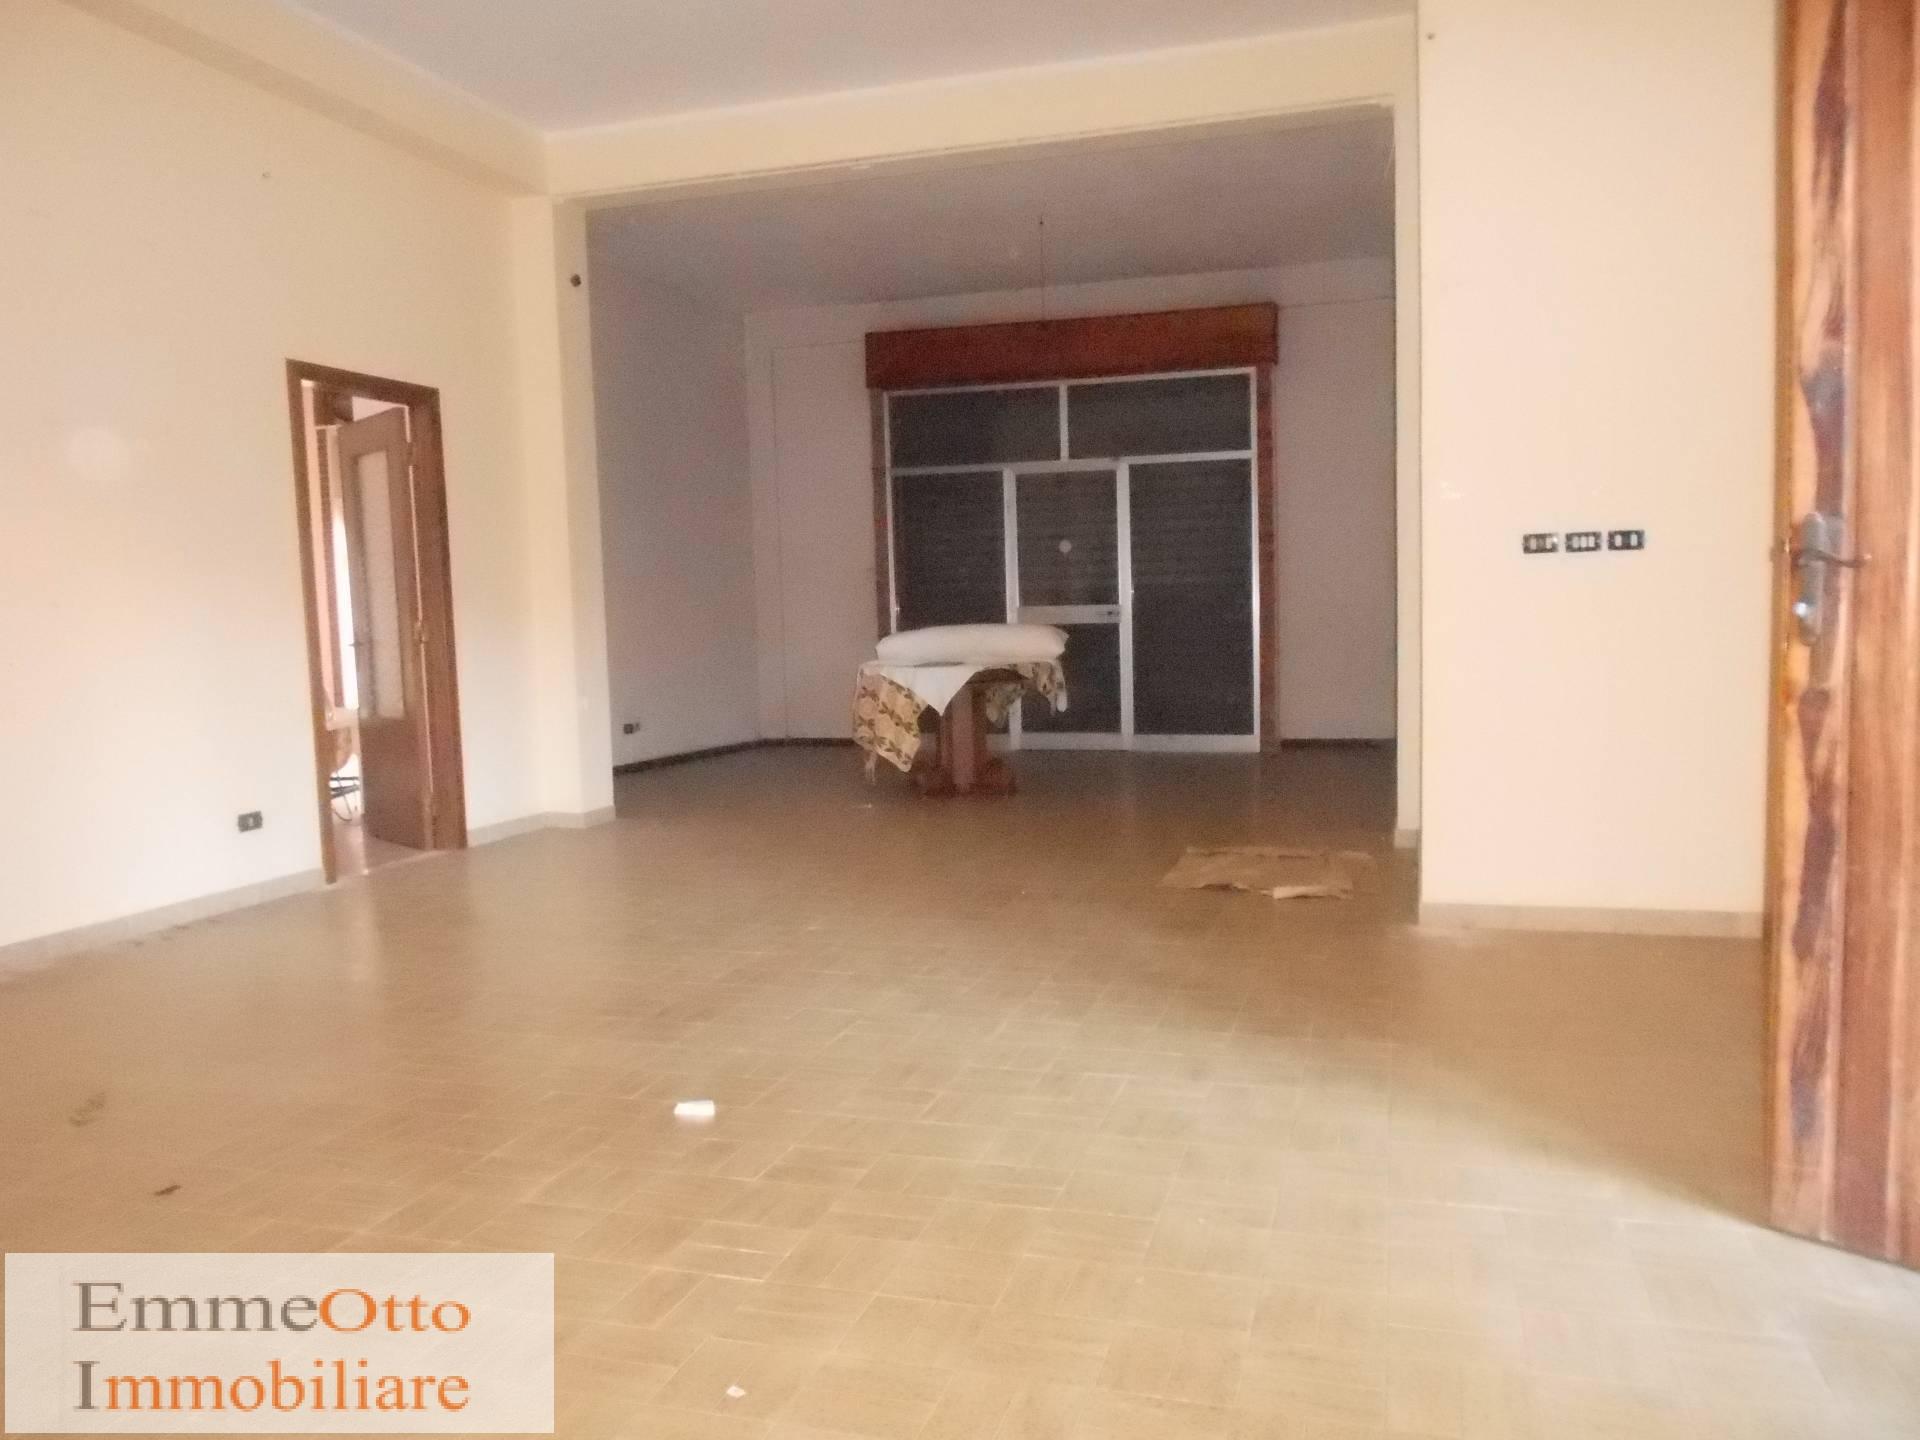 Negozio / Locale in affitto a Assemini, 9999 locali, prezzo € 1.000 | Cambio Casa.it